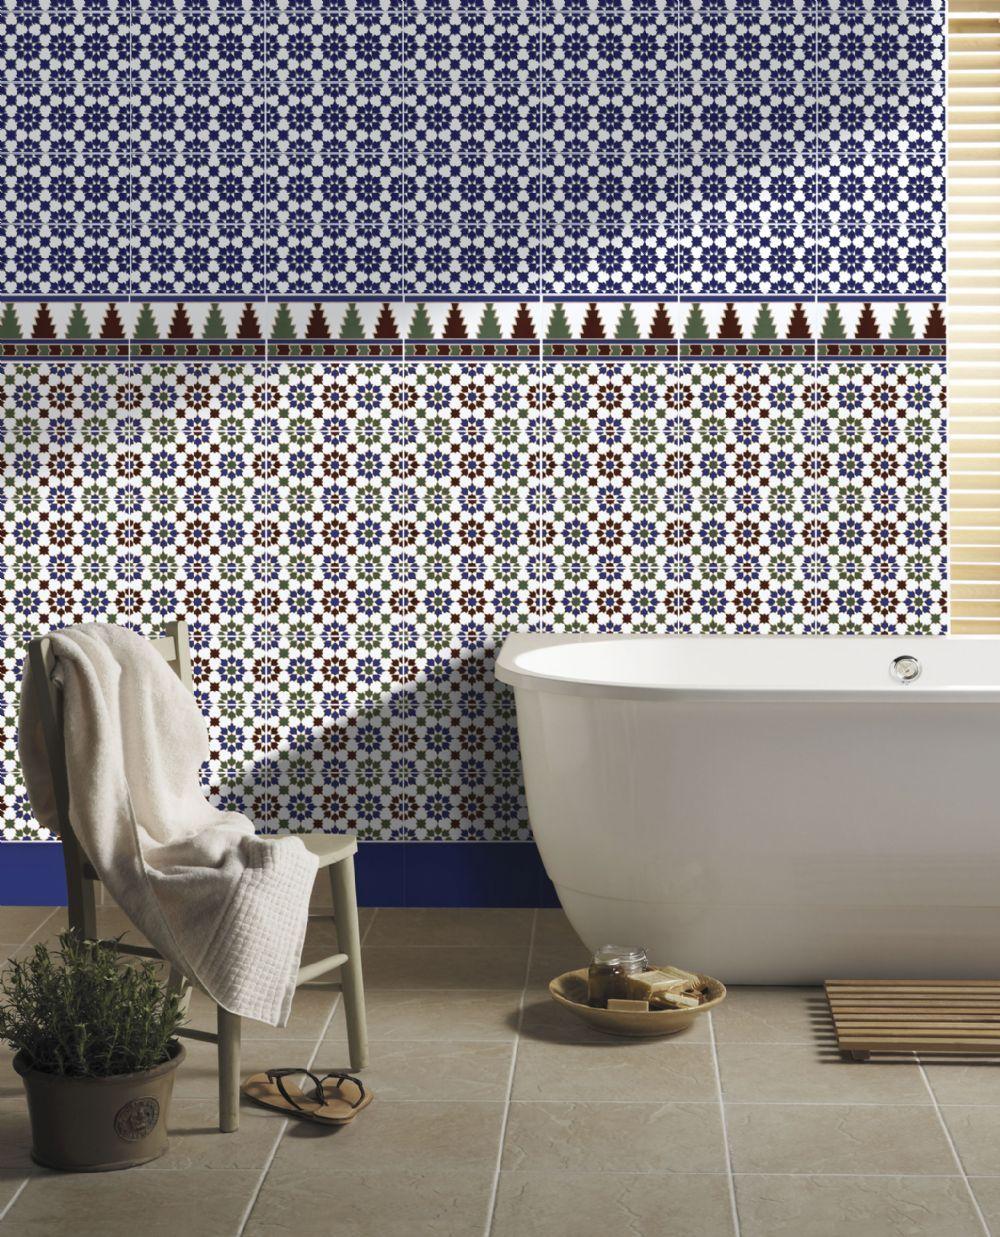 Cas ceramica ceramicas blau und abstrakt - Cas ceramica ...